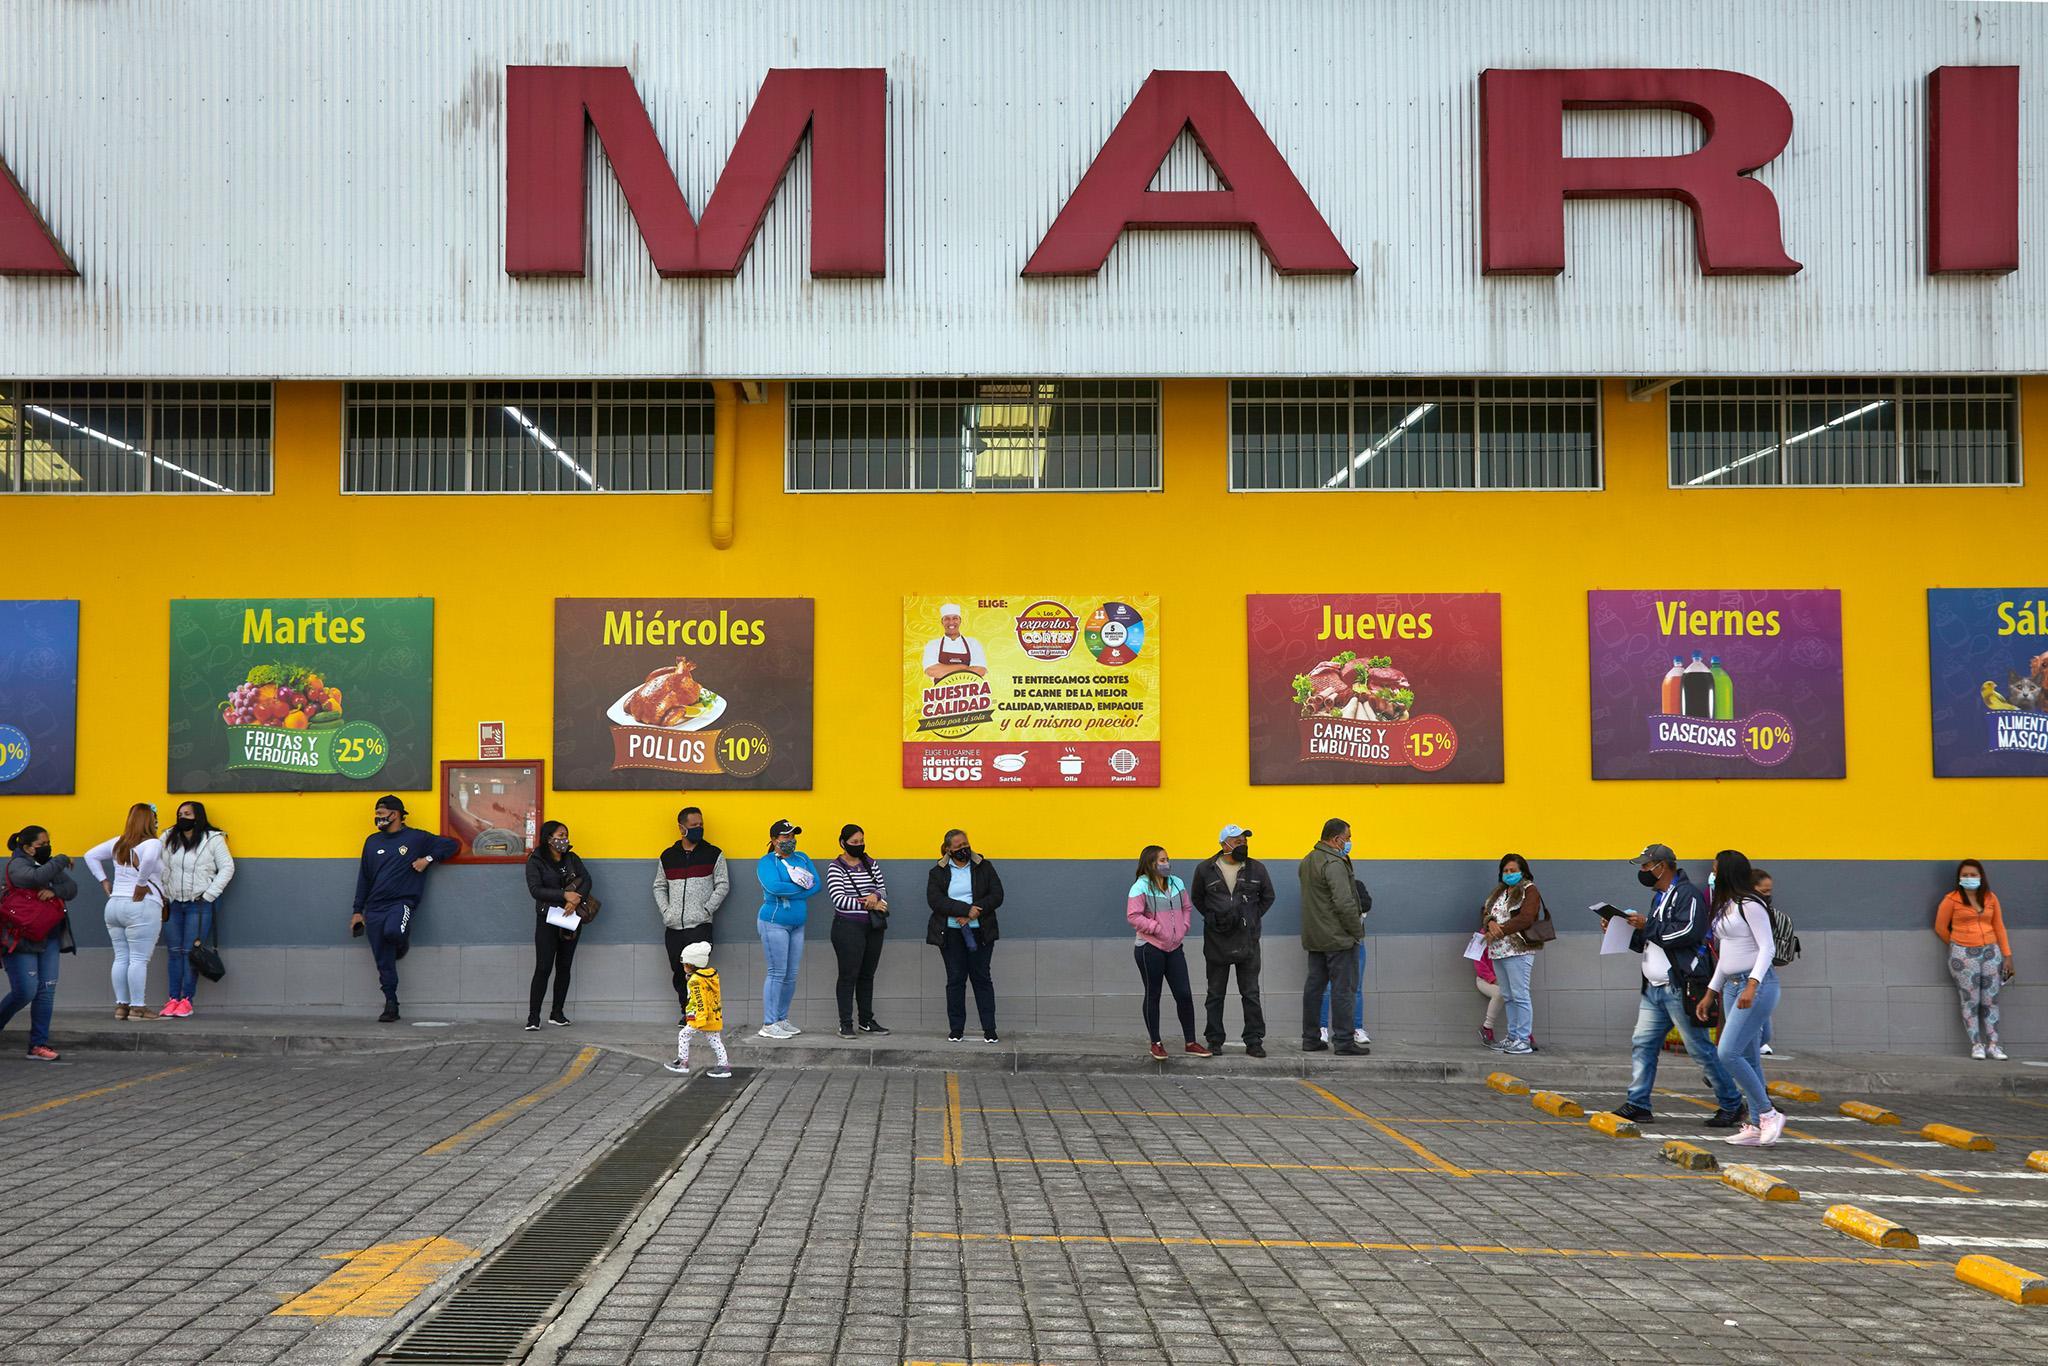 ESP: Personas migrantes, de Venezuela y Haití, hacen fila en las afueras de un supermercado a la espera de ayuda humanitaria para adquirir alimentos. Quito, Ecuador. Noviembre 2020. _ EN: Migrants, from Venezuela and Haití, line up outside a supermarket waiting for humanitarian aid to provide food. Quito, Ecuador. November 2020.